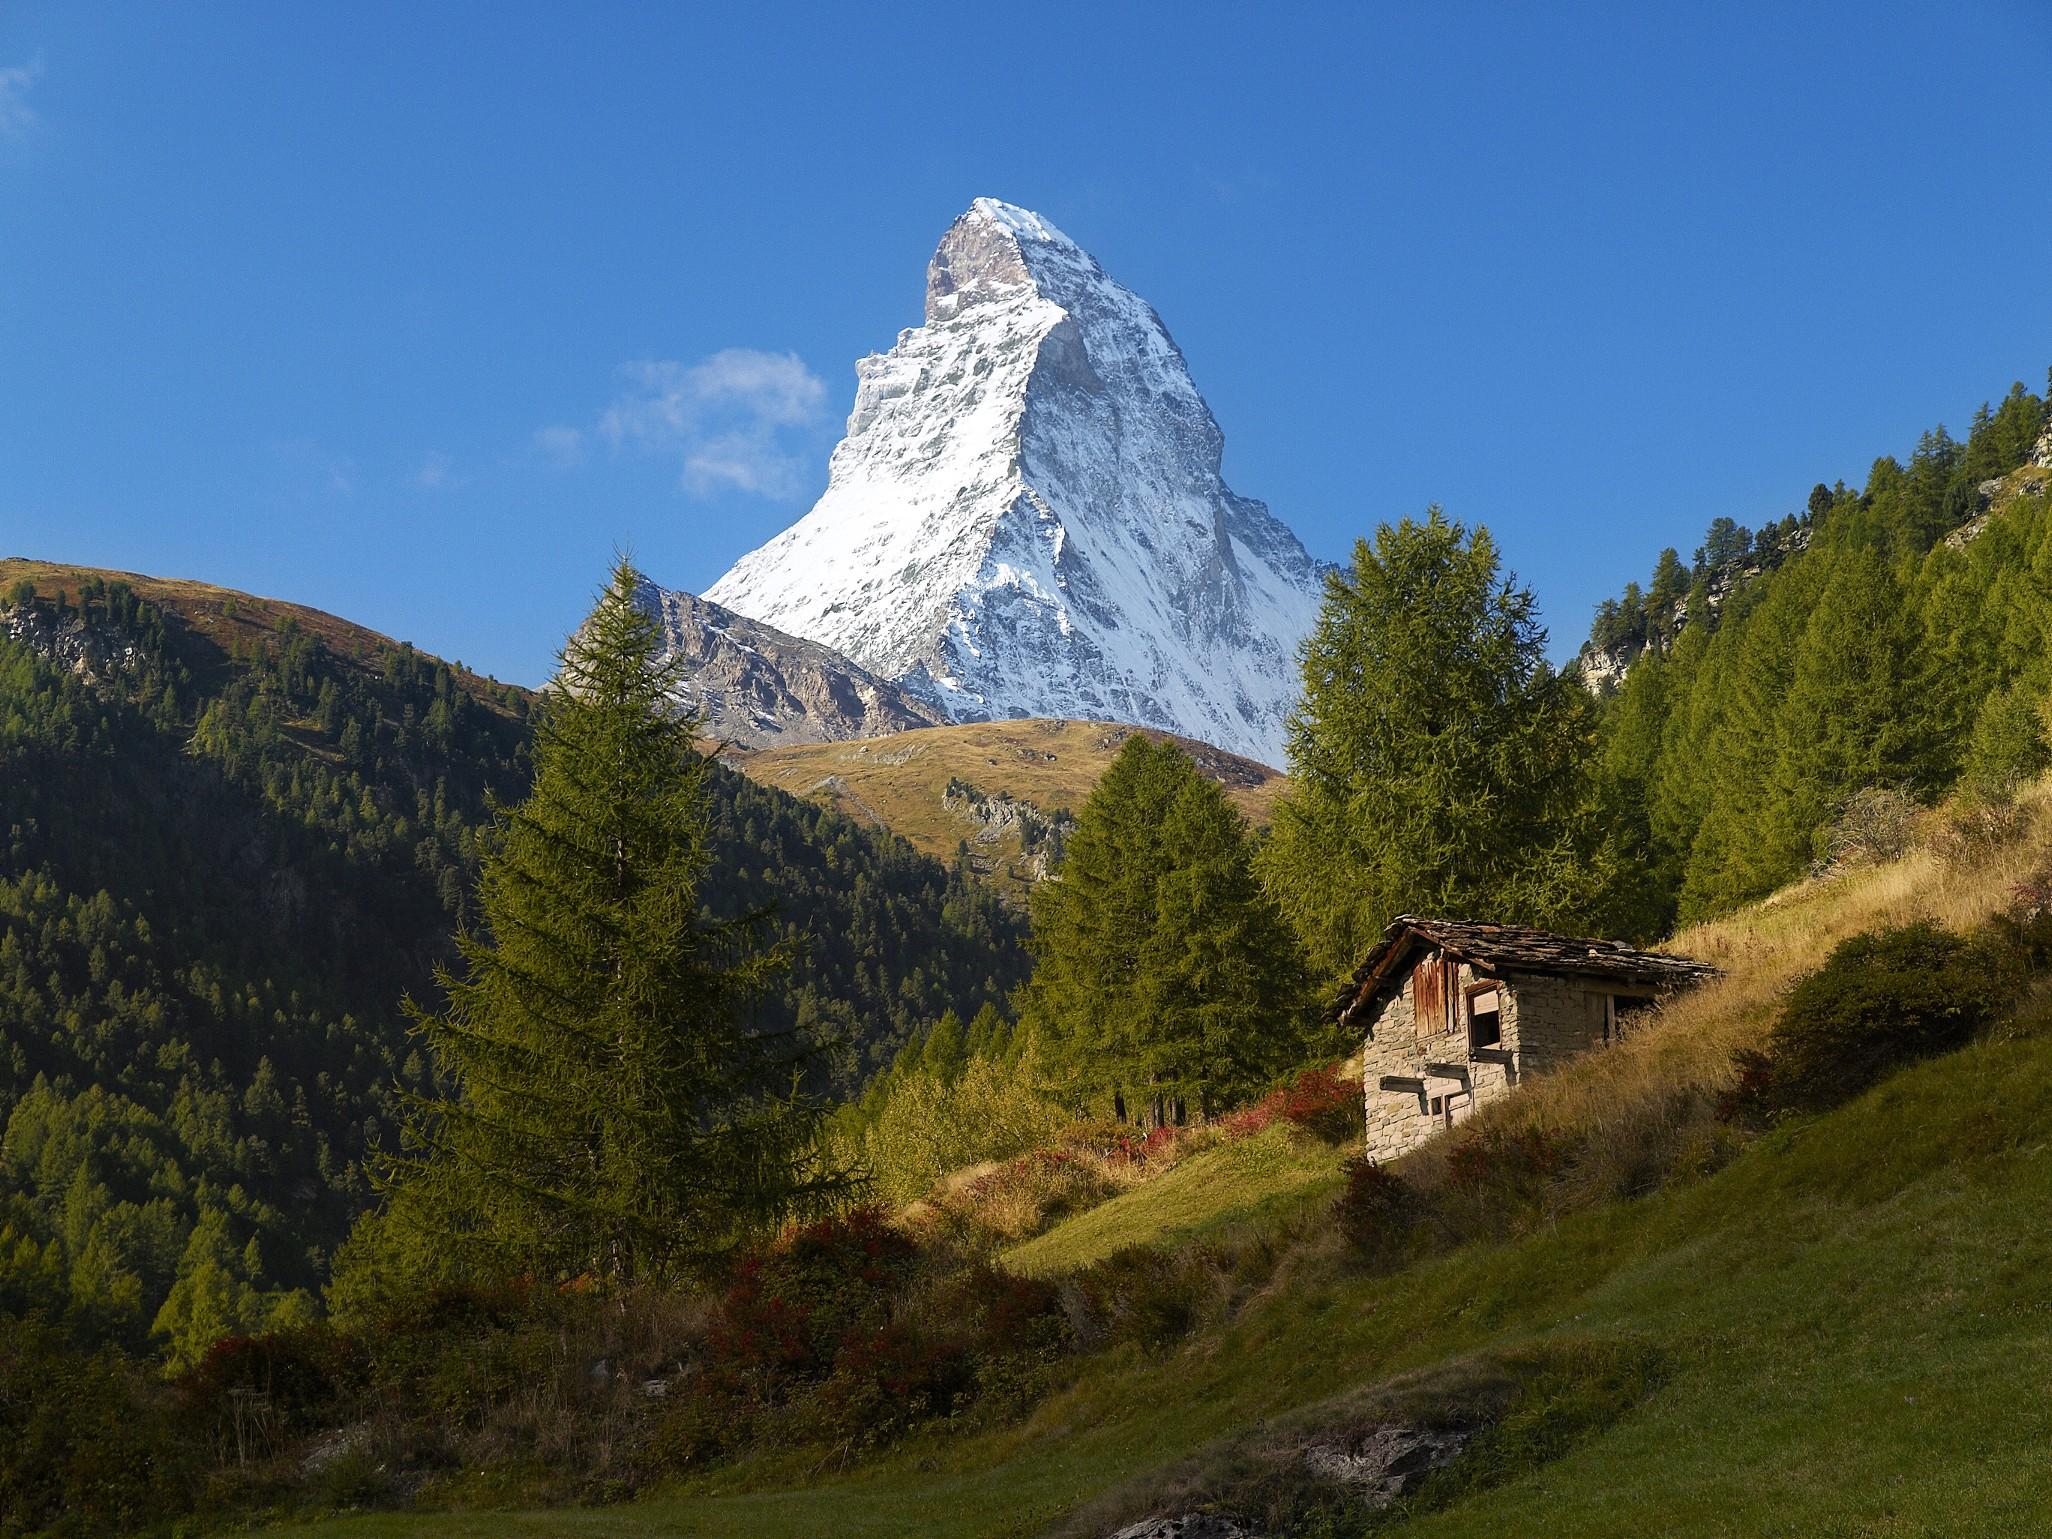 General 2052x1539 Matterhorn Alps mountains nature landscape trees